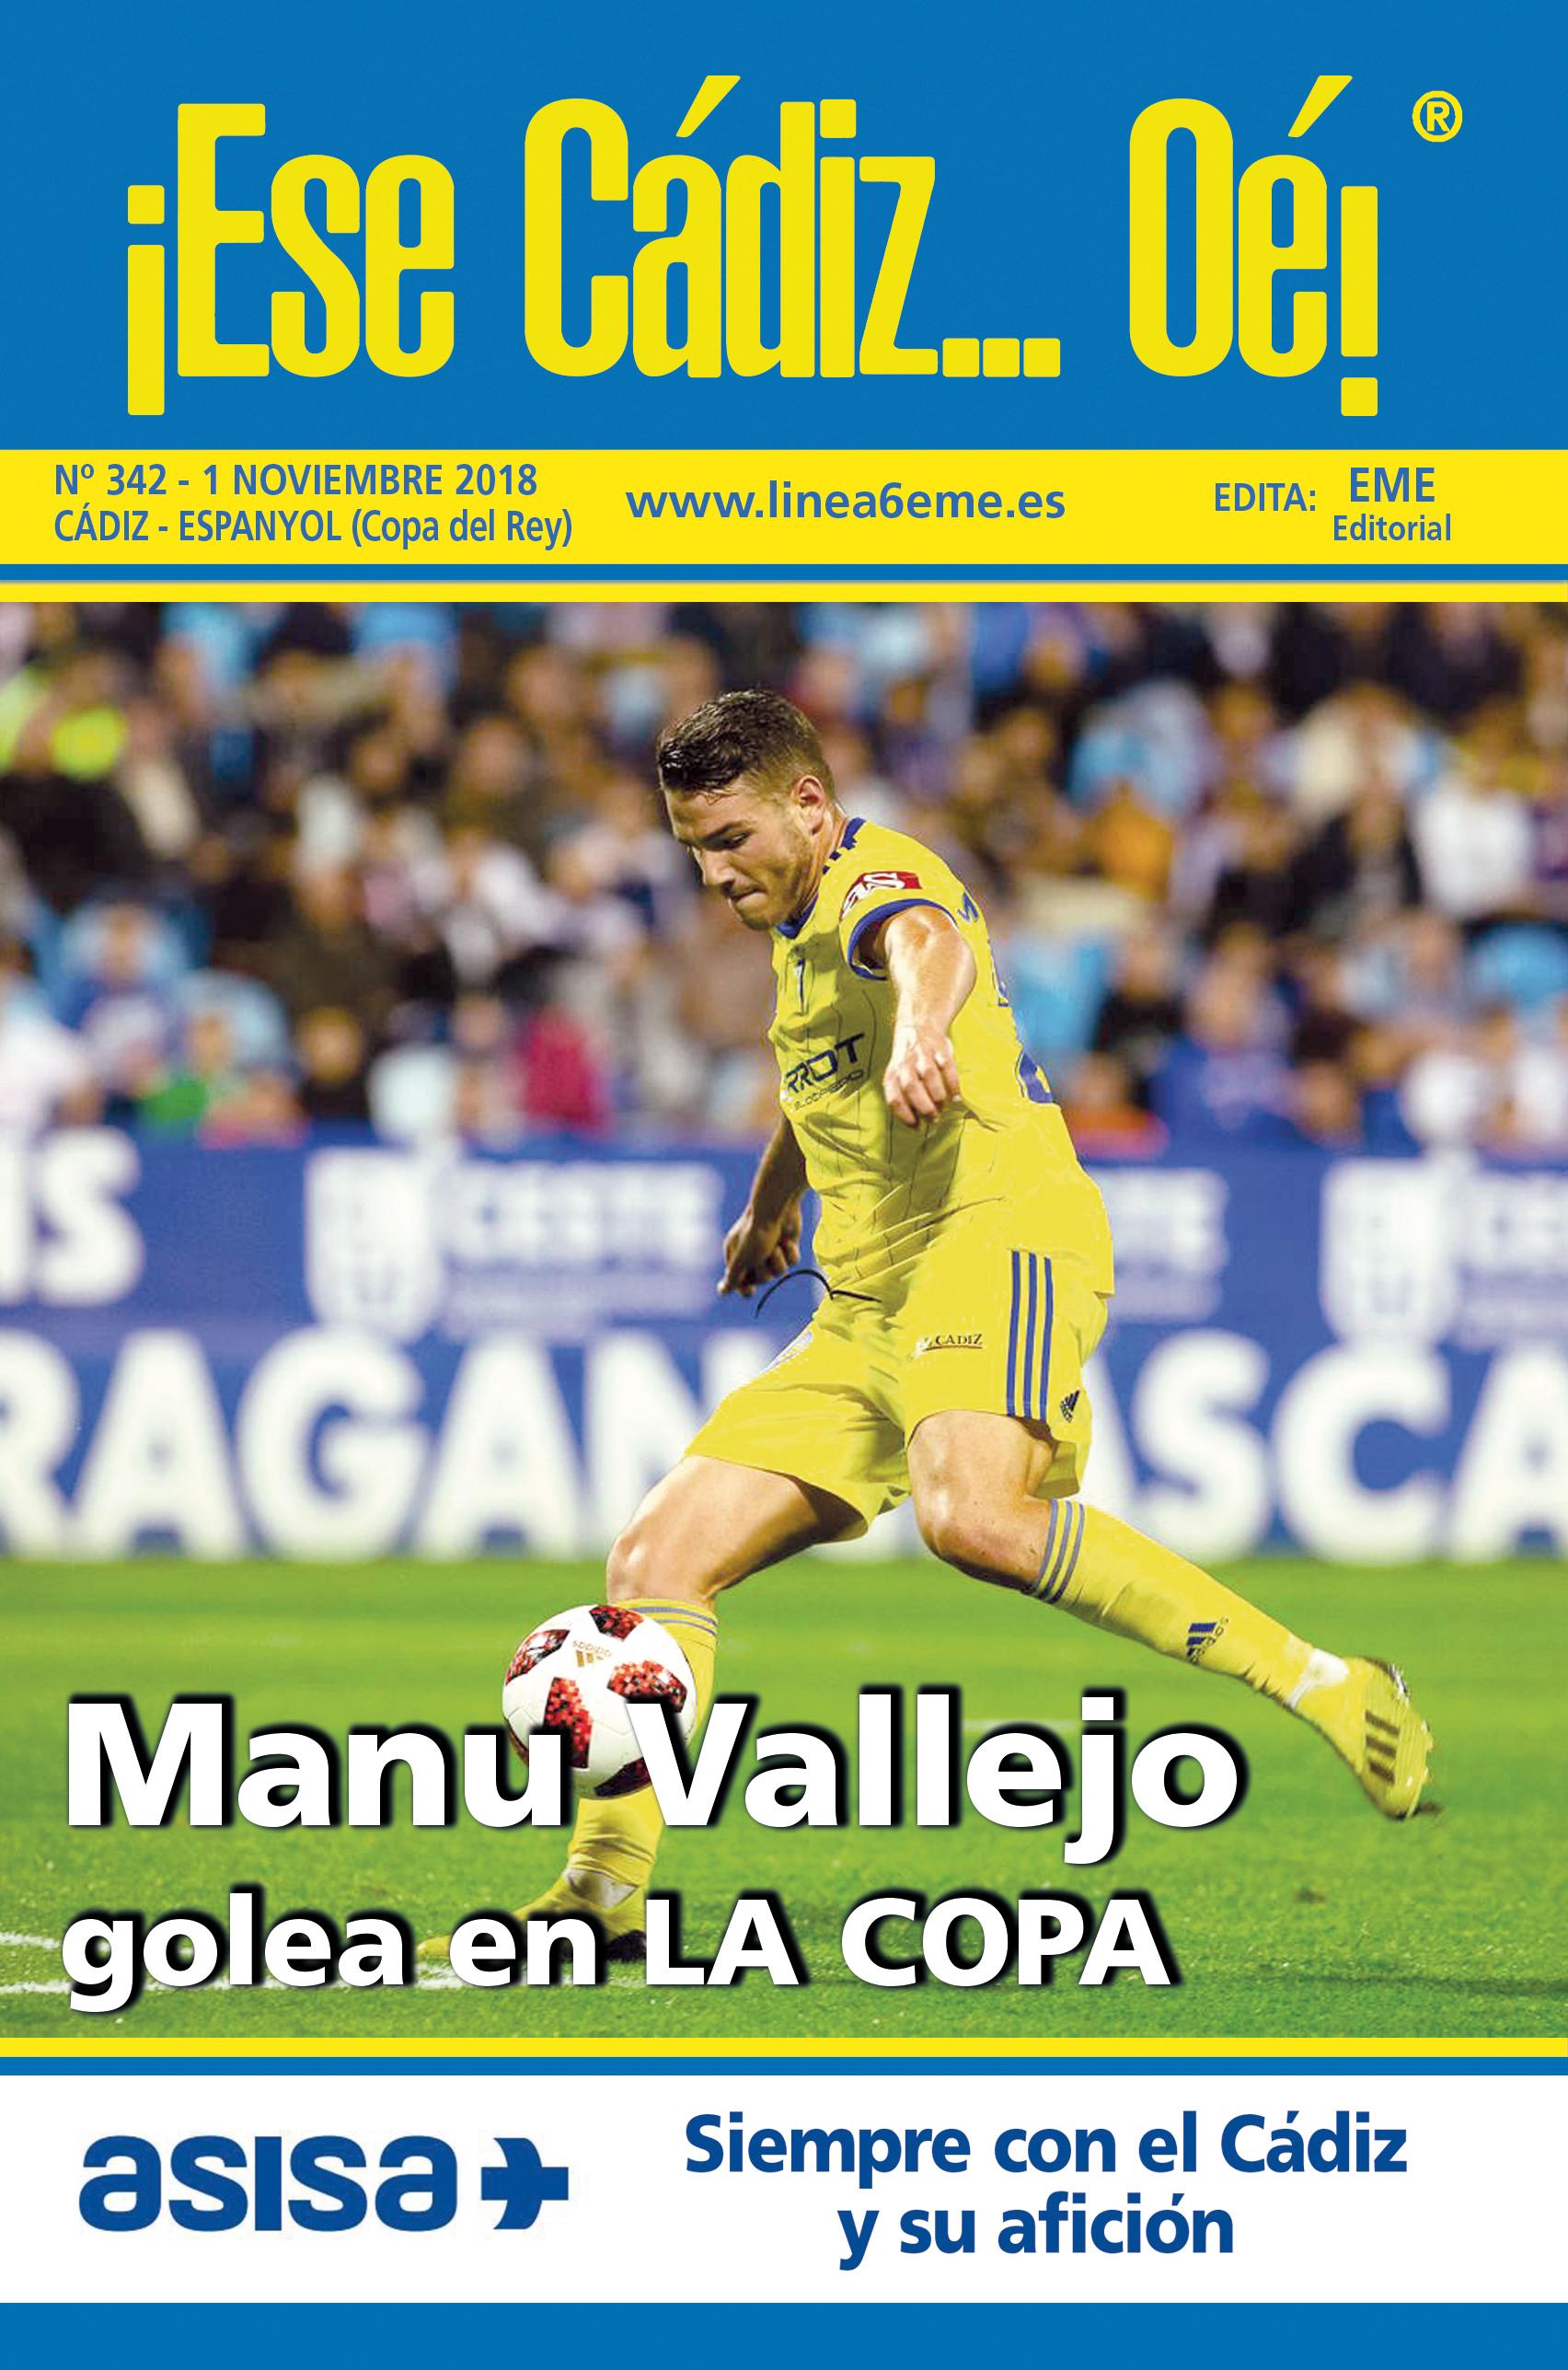 ¡Ese Cádiz…Oé! núm. 342 Temporada 2018/19